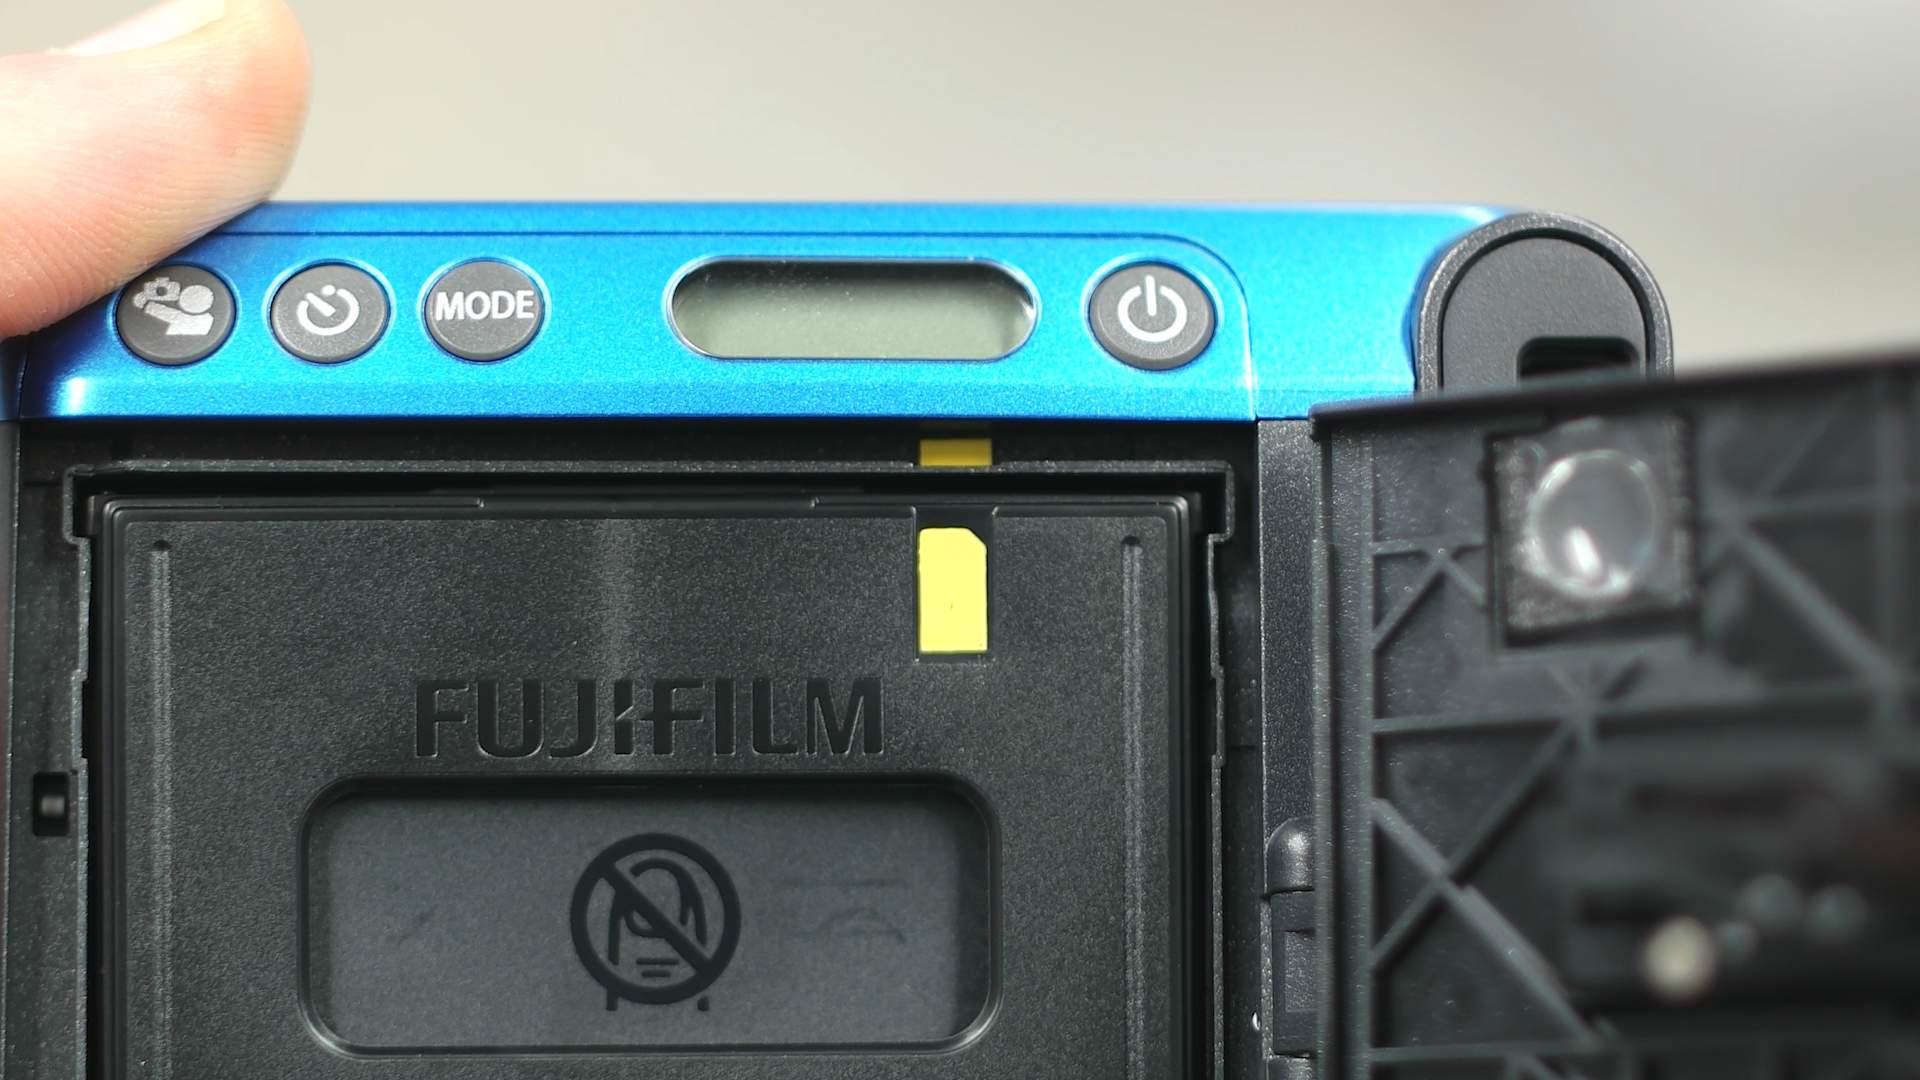 Dettaglio cartuccia FujiFilm Instax Mini 70